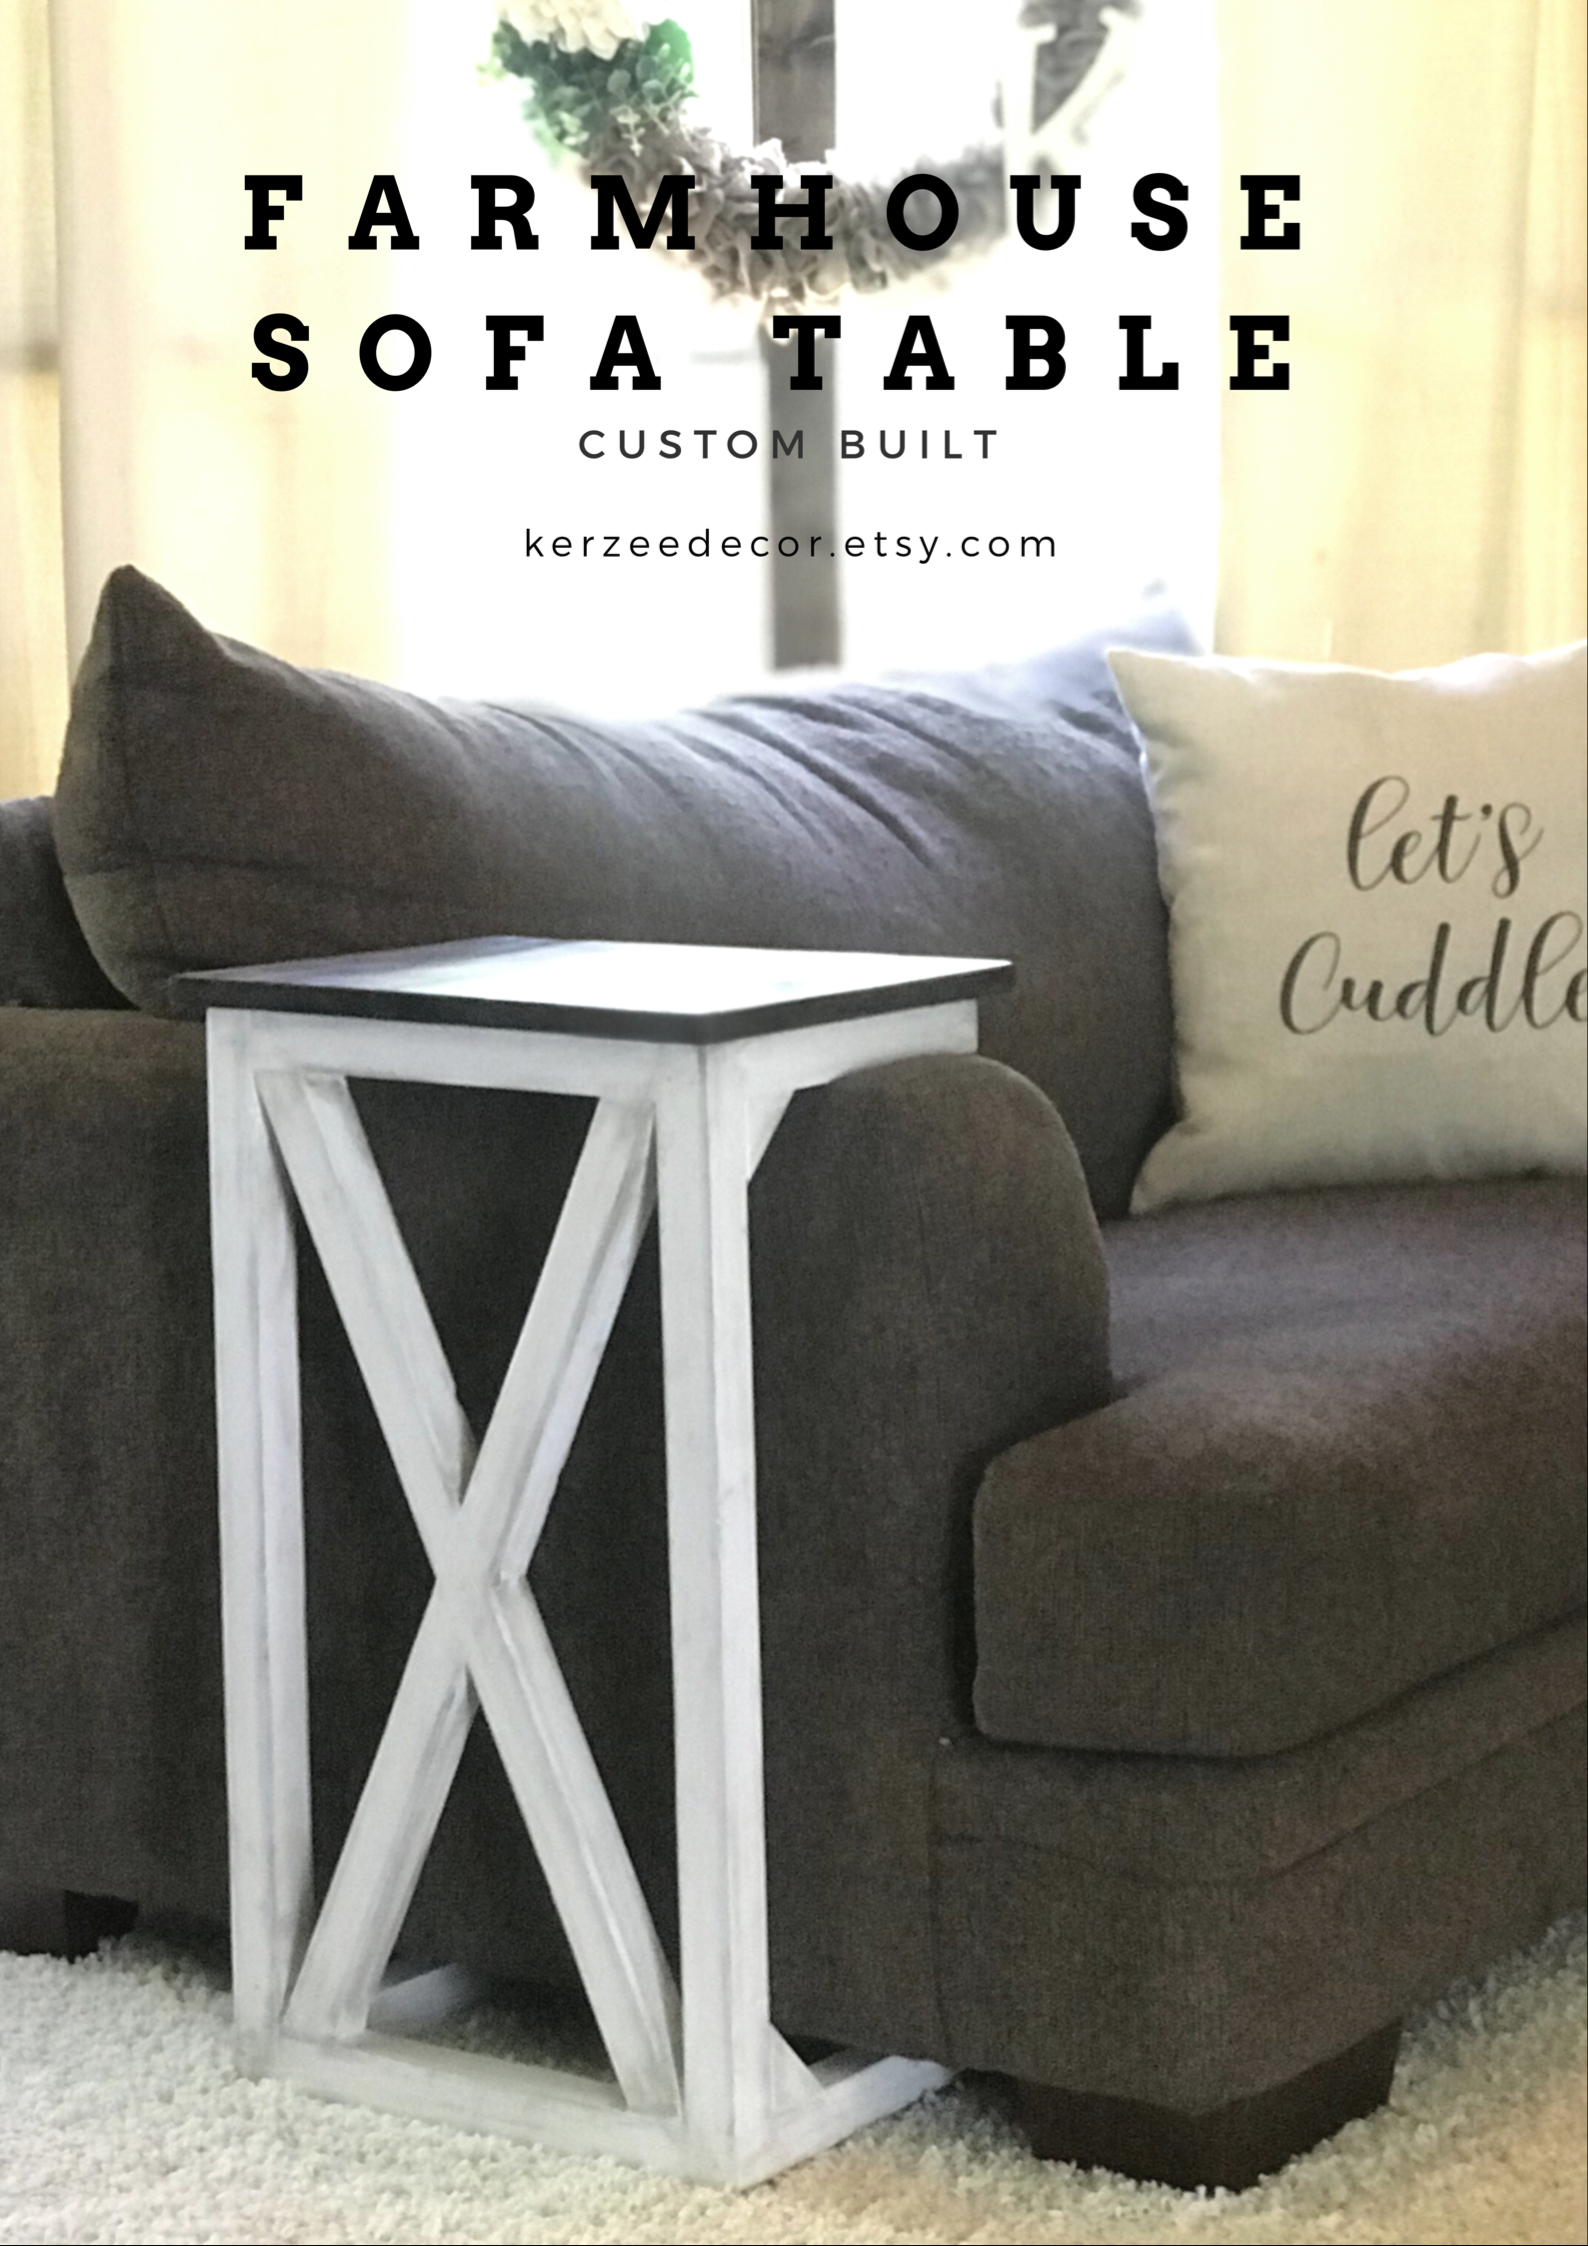 Sofa Arm Table Farmhouse Table Laptop Table End Table Rustic Sofa Side Table Rustic Sofa Sofa Arm Table Farmhouse Sofa